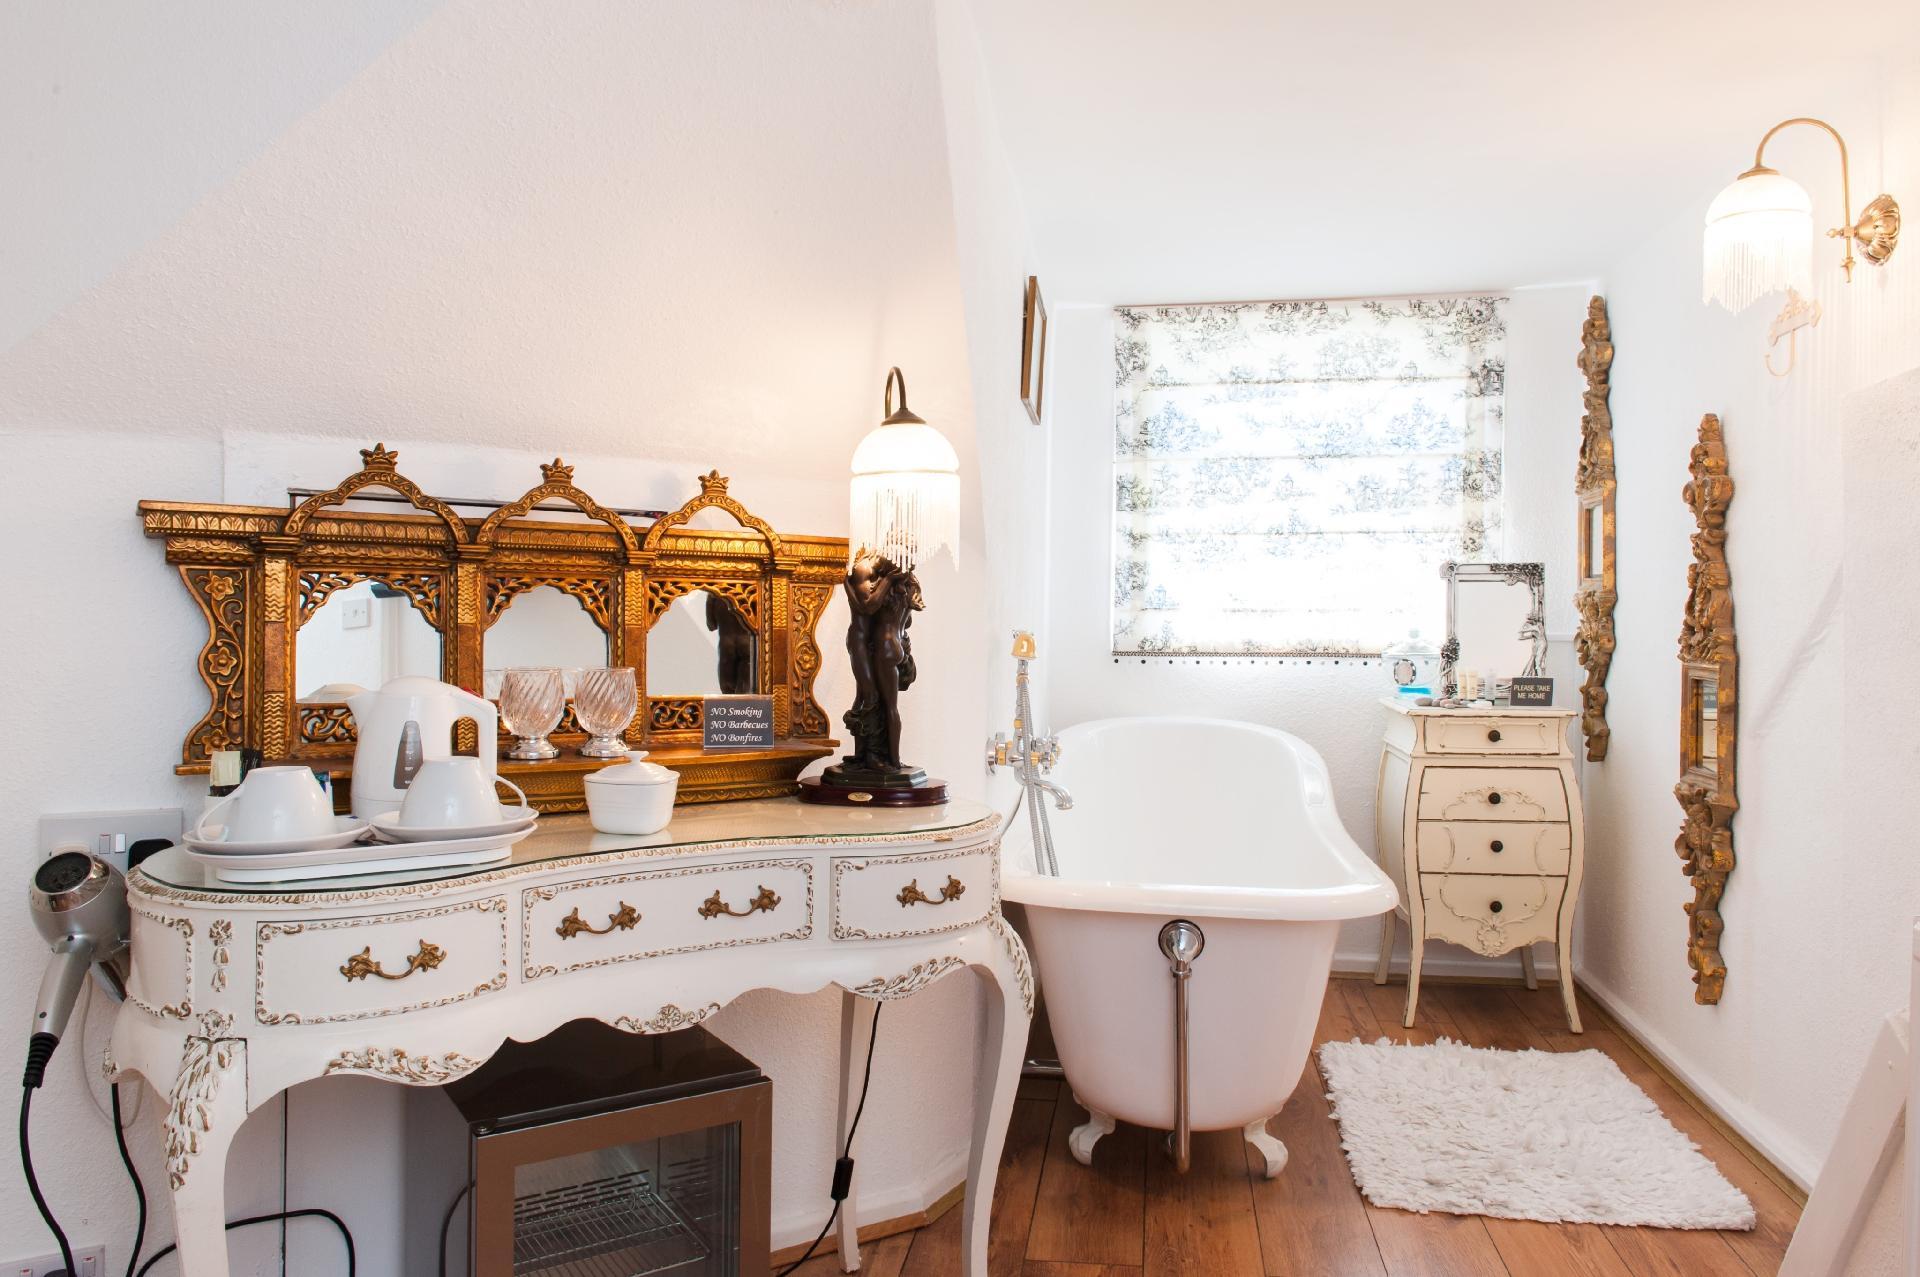 Com inspiração na Era Eduardiana no Reino Unido (1901-1910), o banheiro desta casa conta com penteadeira, banheira, cômoda, tapete felpudo e louças brancas contrastando com detalhes em dourado, como os espelhos e os puxadores. Quem quiser se hospedar no espaço, localizado no Reino Unido, terá que desembolsar R$ 3.239 por dia